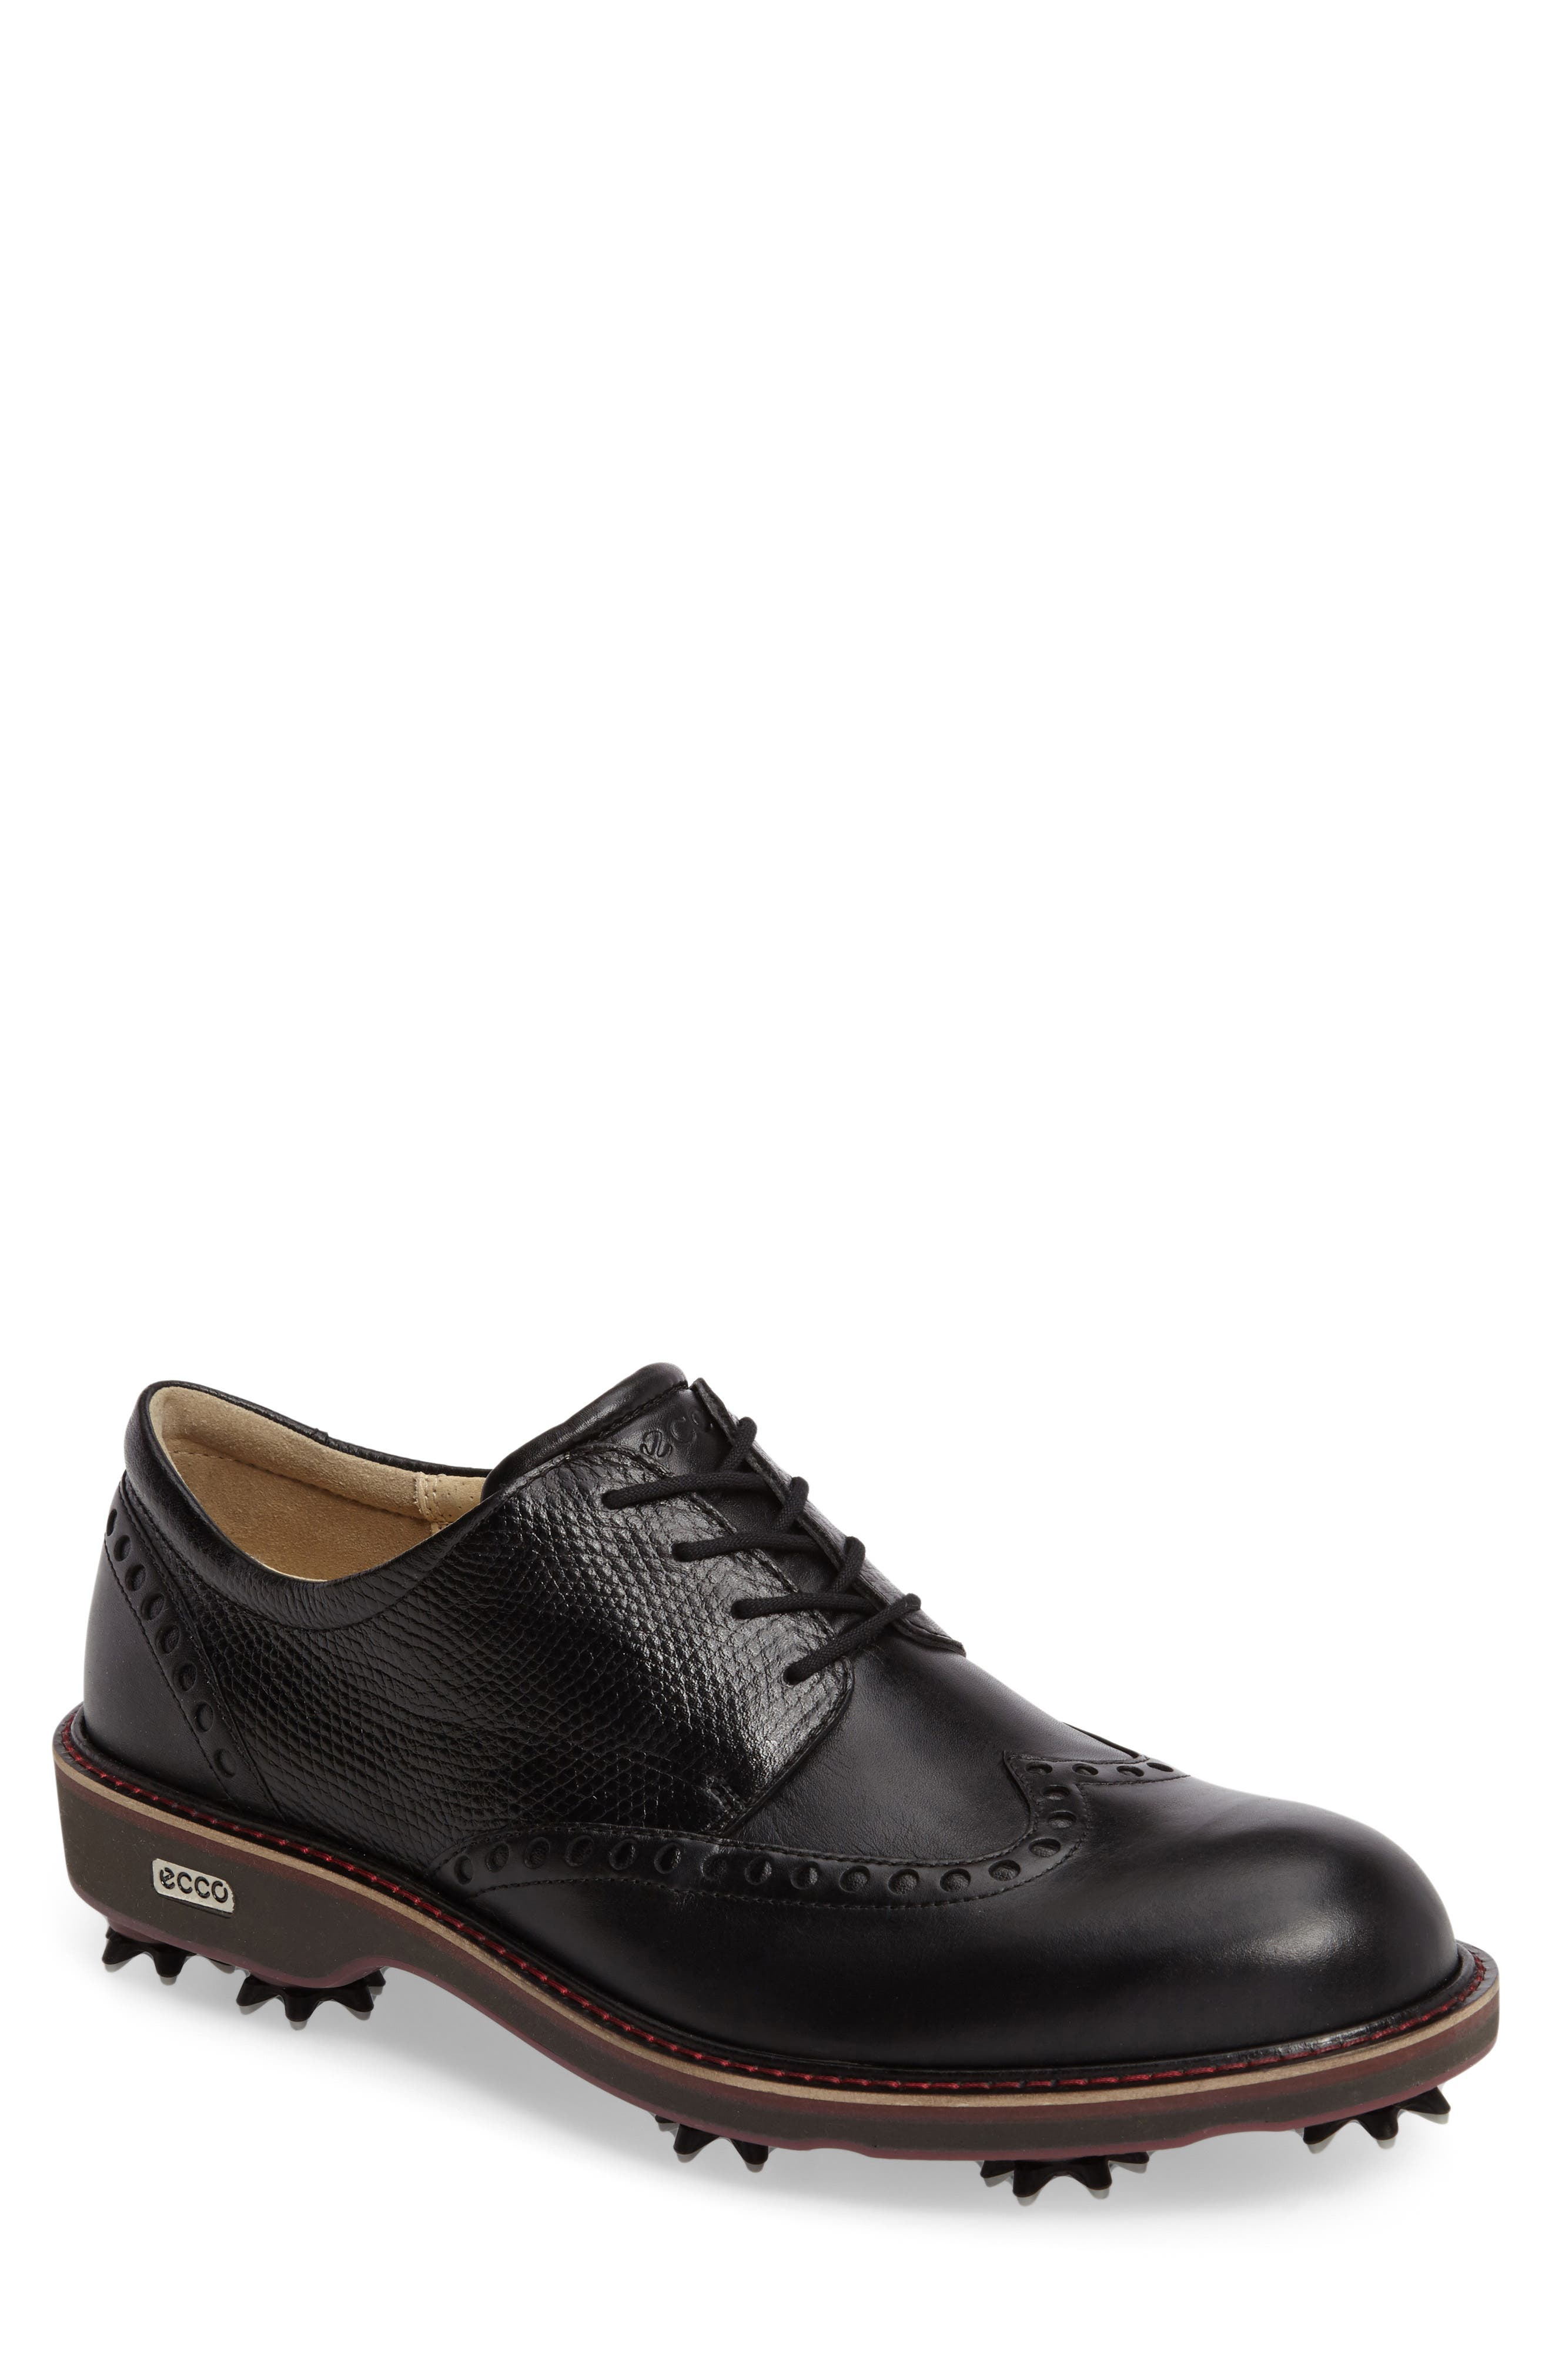 Lux Golf Shoe,                             Main thumbnail 1, color,                             001